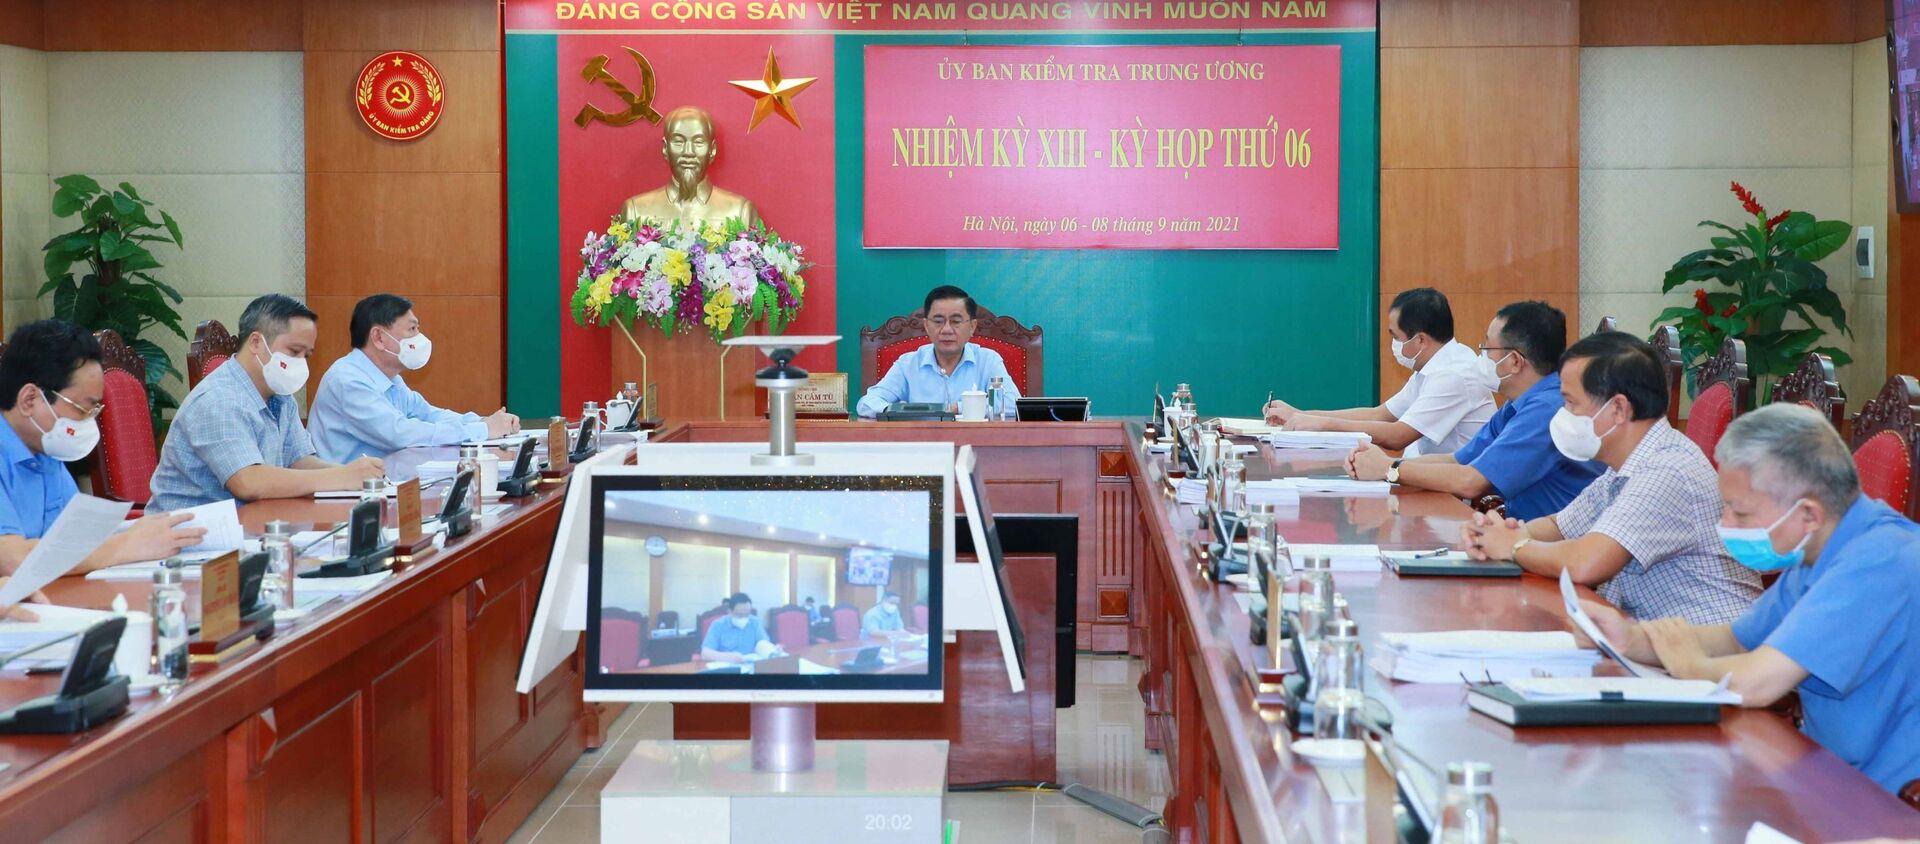 Quang cảnh kỳ họp - Sputnik Việt Nam, 1920, 09.09.2021